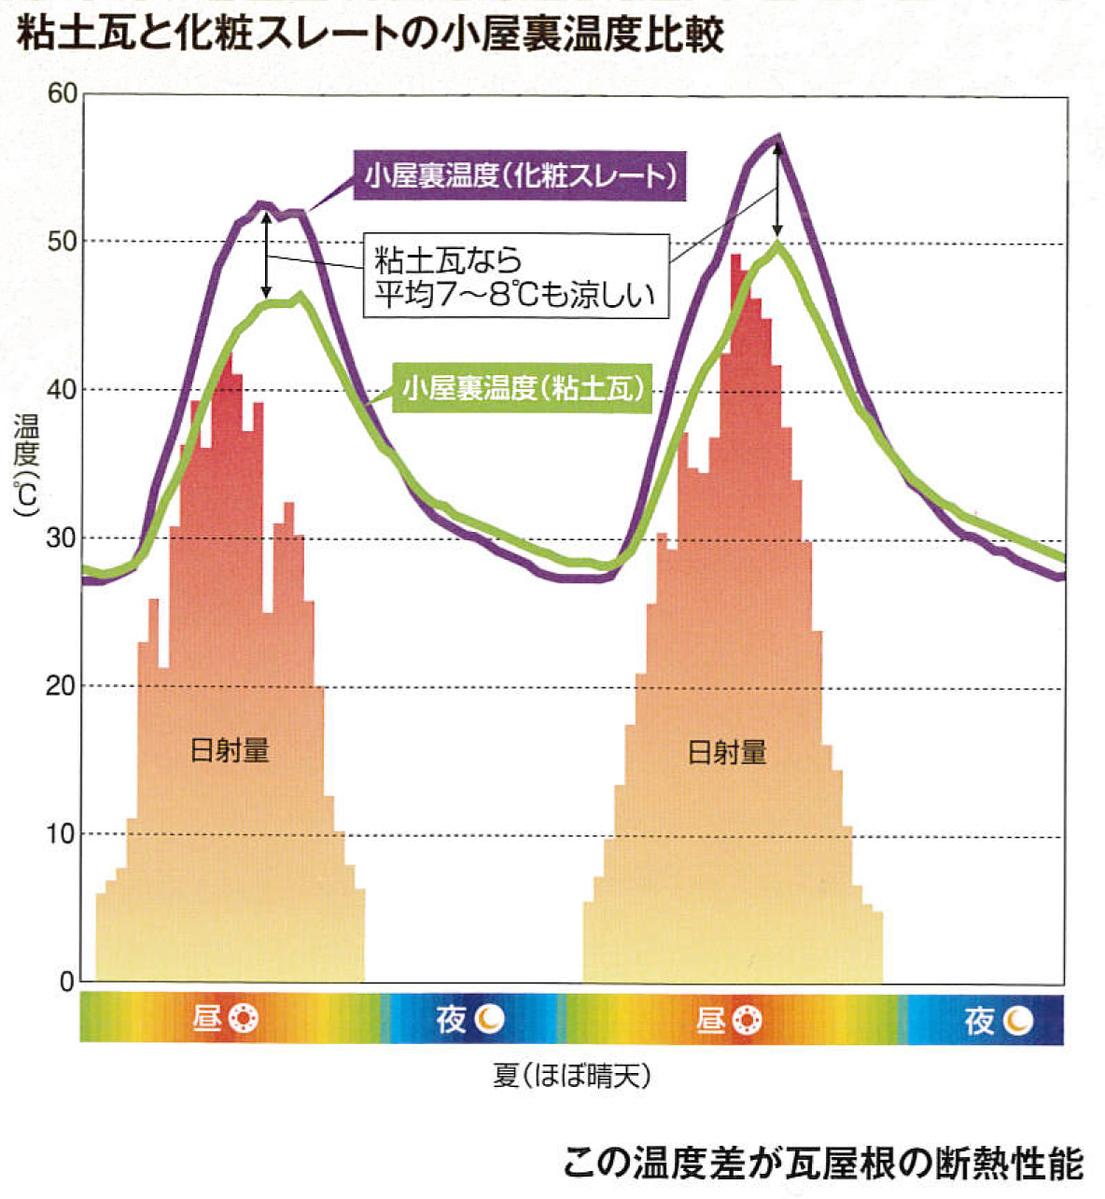 粘土瓦と化粧スレートの小屋裏温度比較